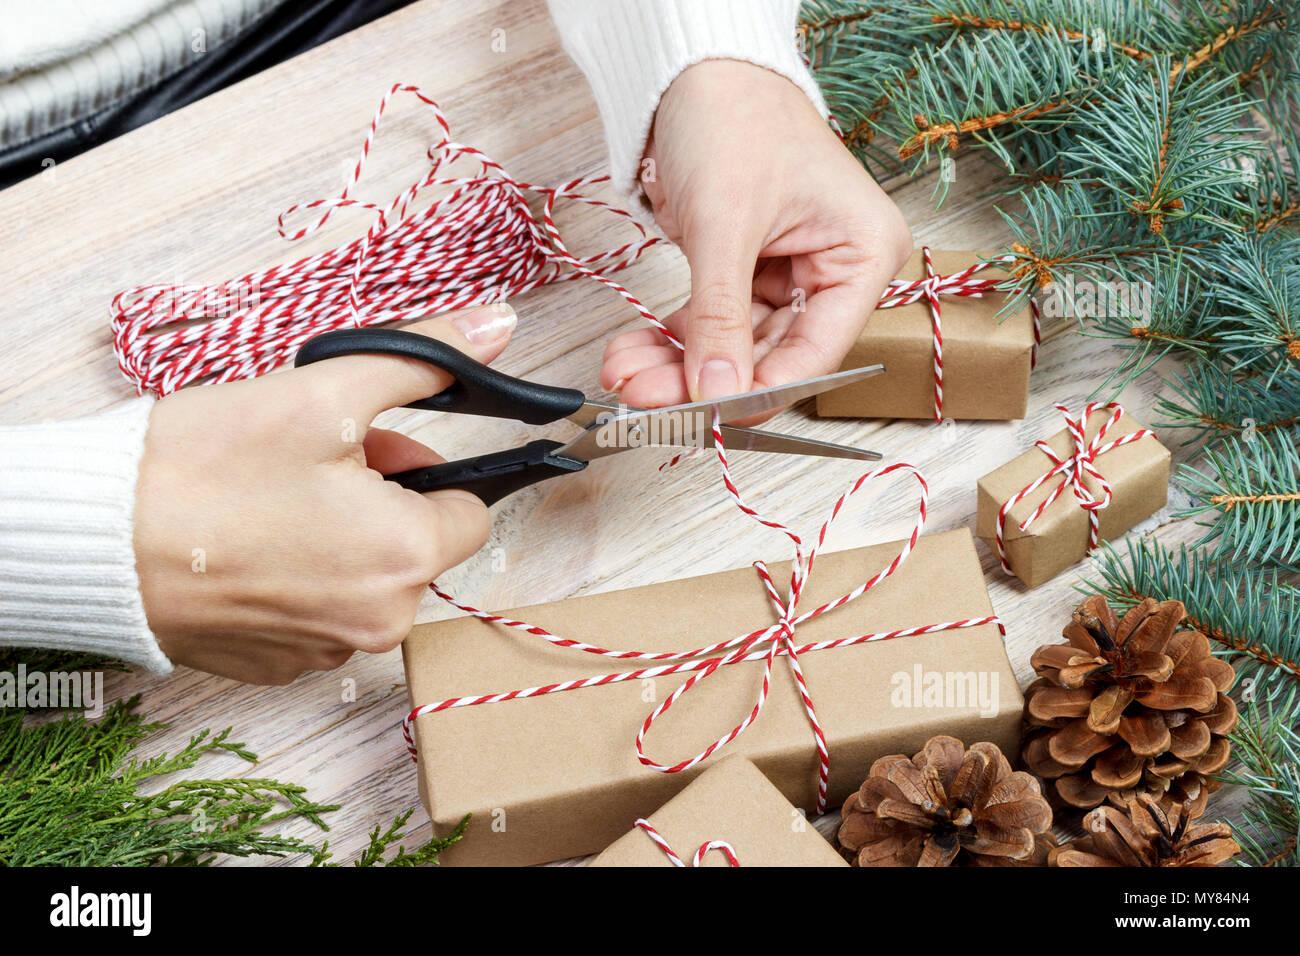 L'emballage de cadeaux de Noël arrière-plan. Emballage cadeau de Noël les mains avec du ruban rouge, vue du dessus. Les vacances d'hiver, concept, mise à plat. Femme holdi Photo Stock